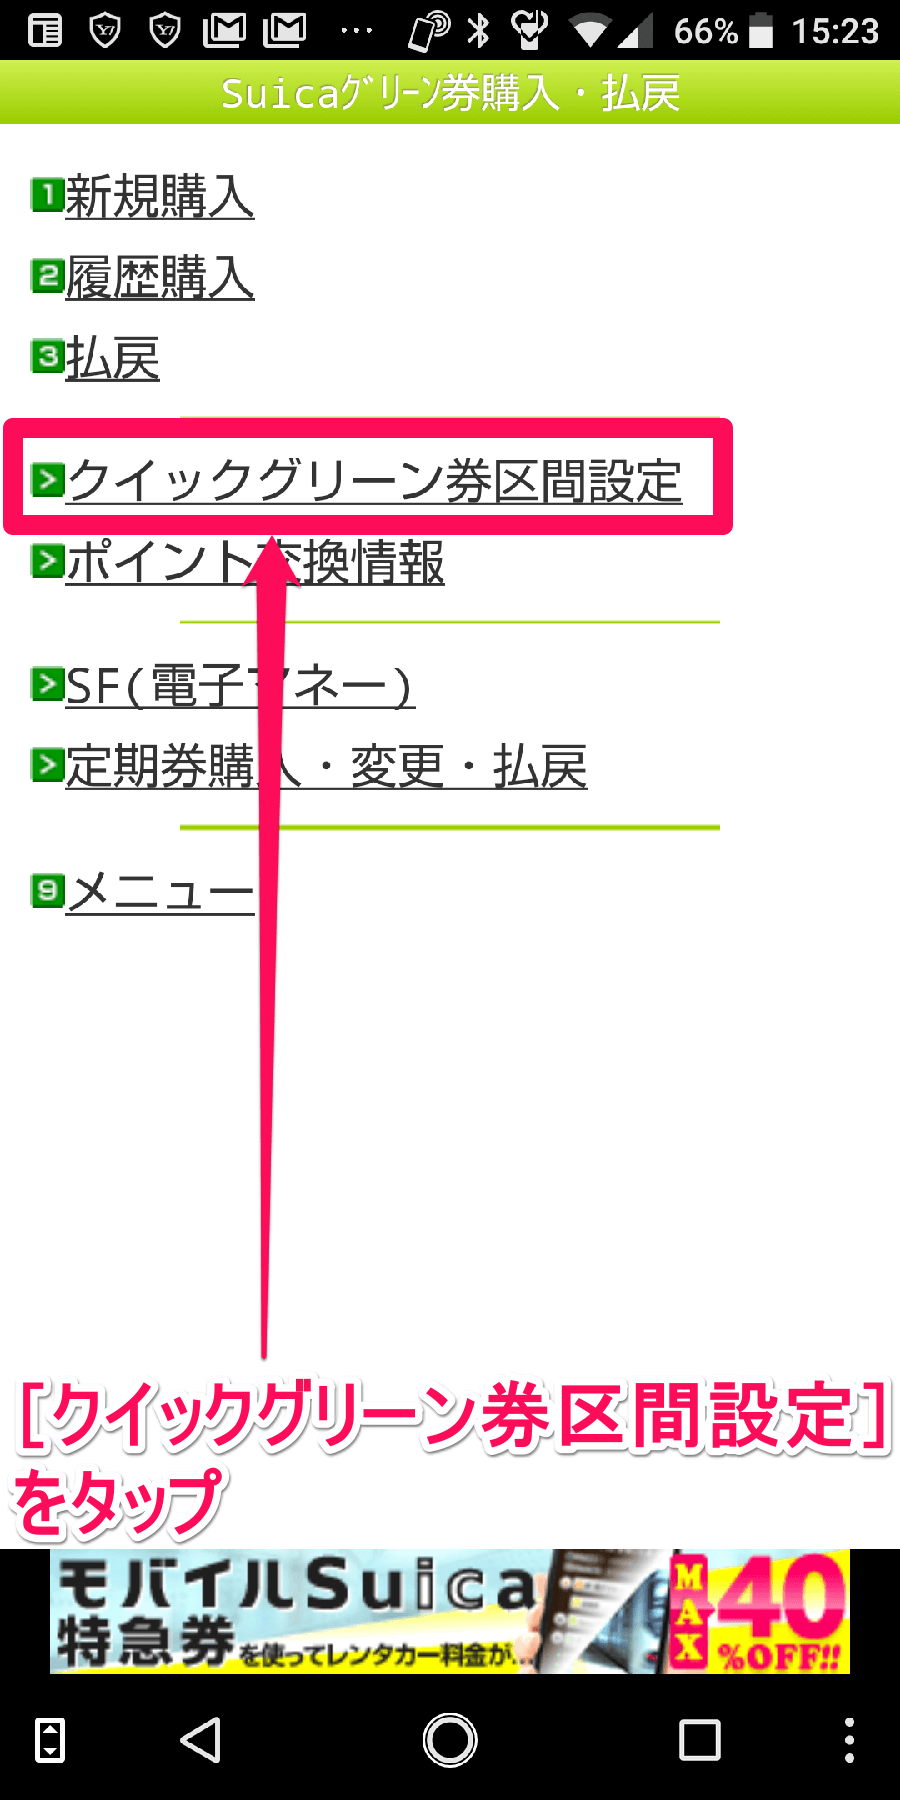 Android(アンドロイド)スマートフォン版「モバイルSuica」アプリの「Suicaグリーン券購入・払戻」画面